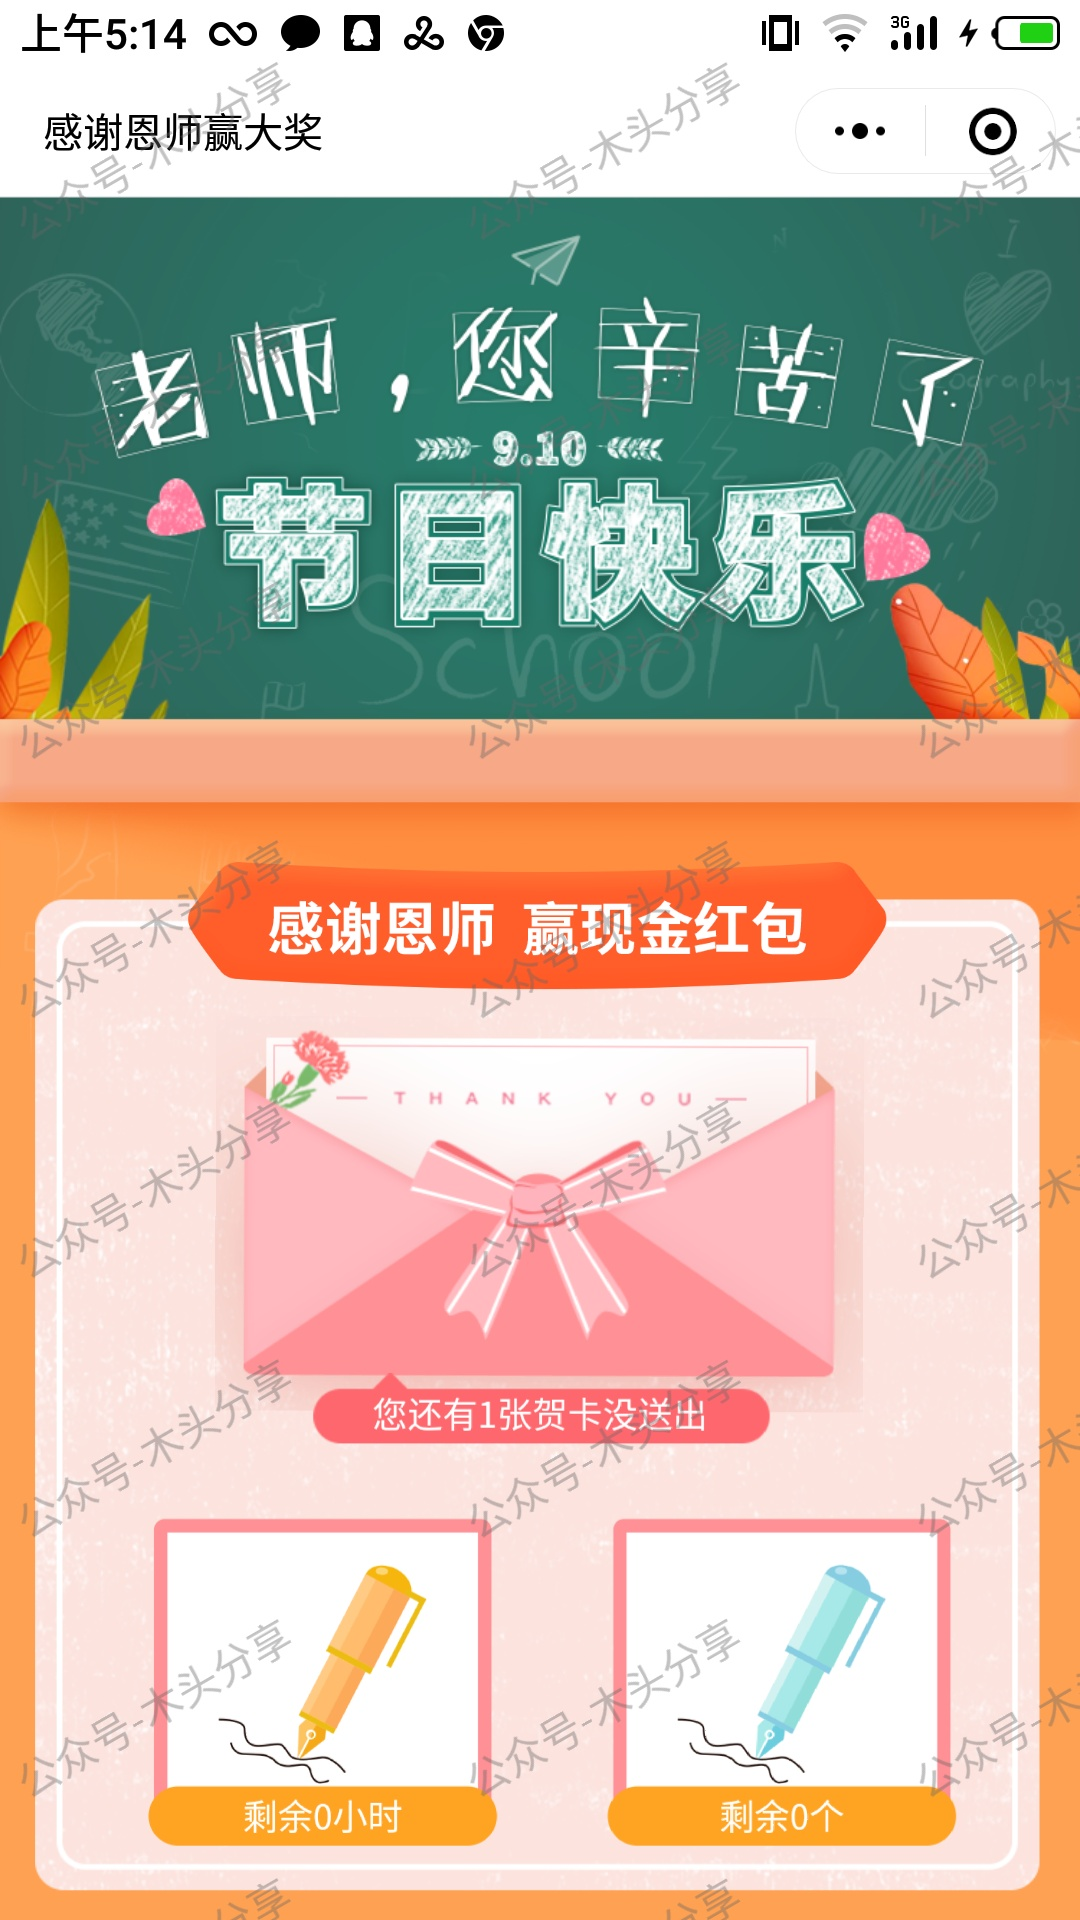 微信小程序感谢恩师赢大奖 0.3-7元红包 提现秒到账